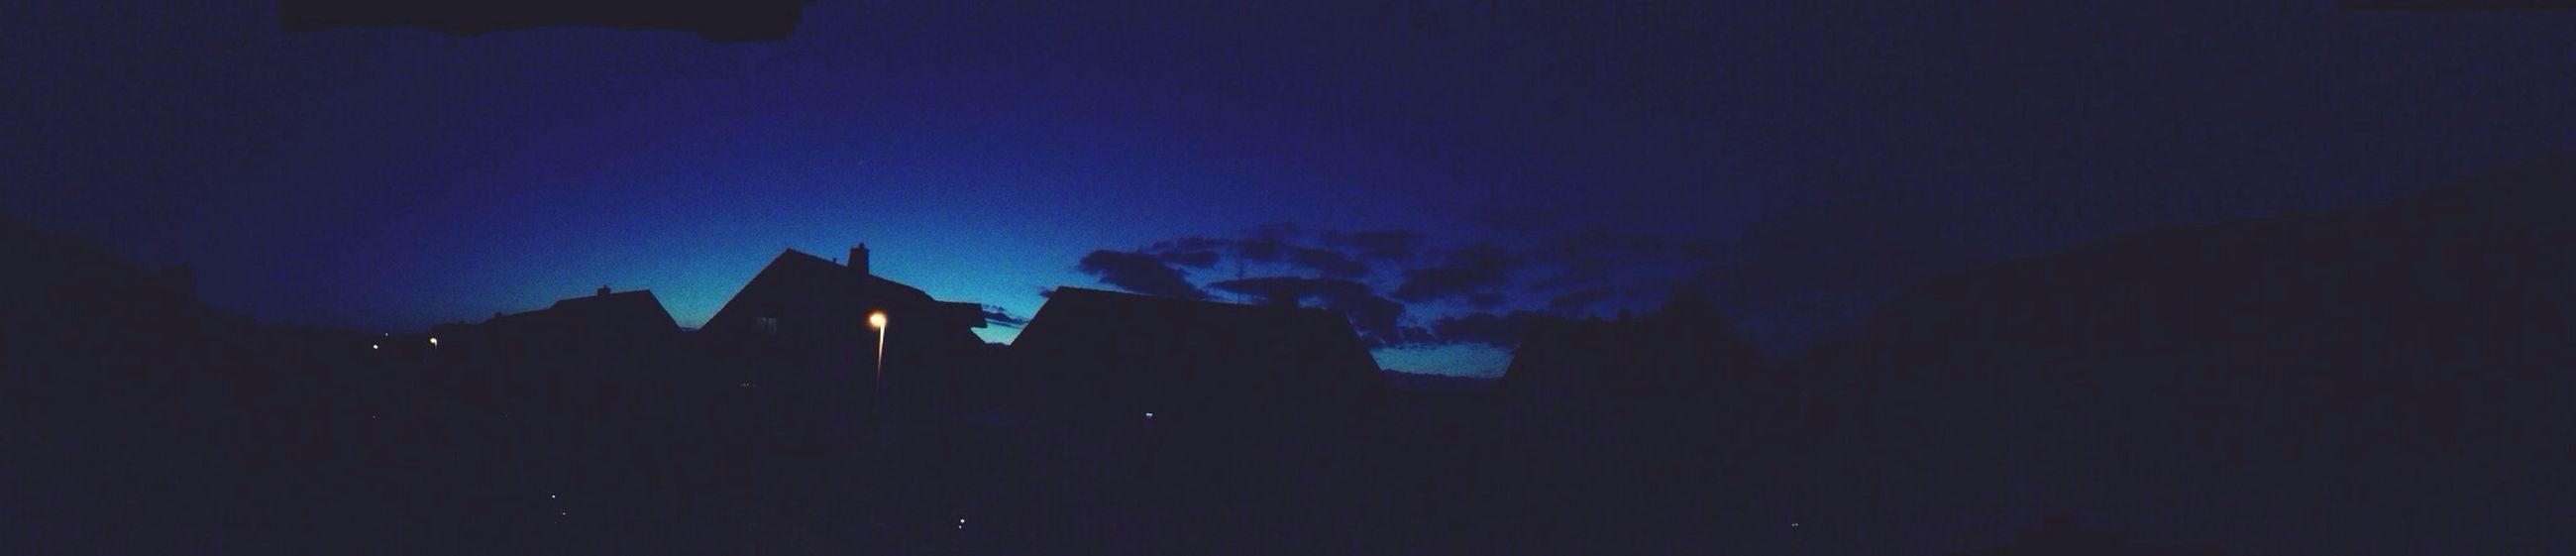 Taking Photos Photo Sunset